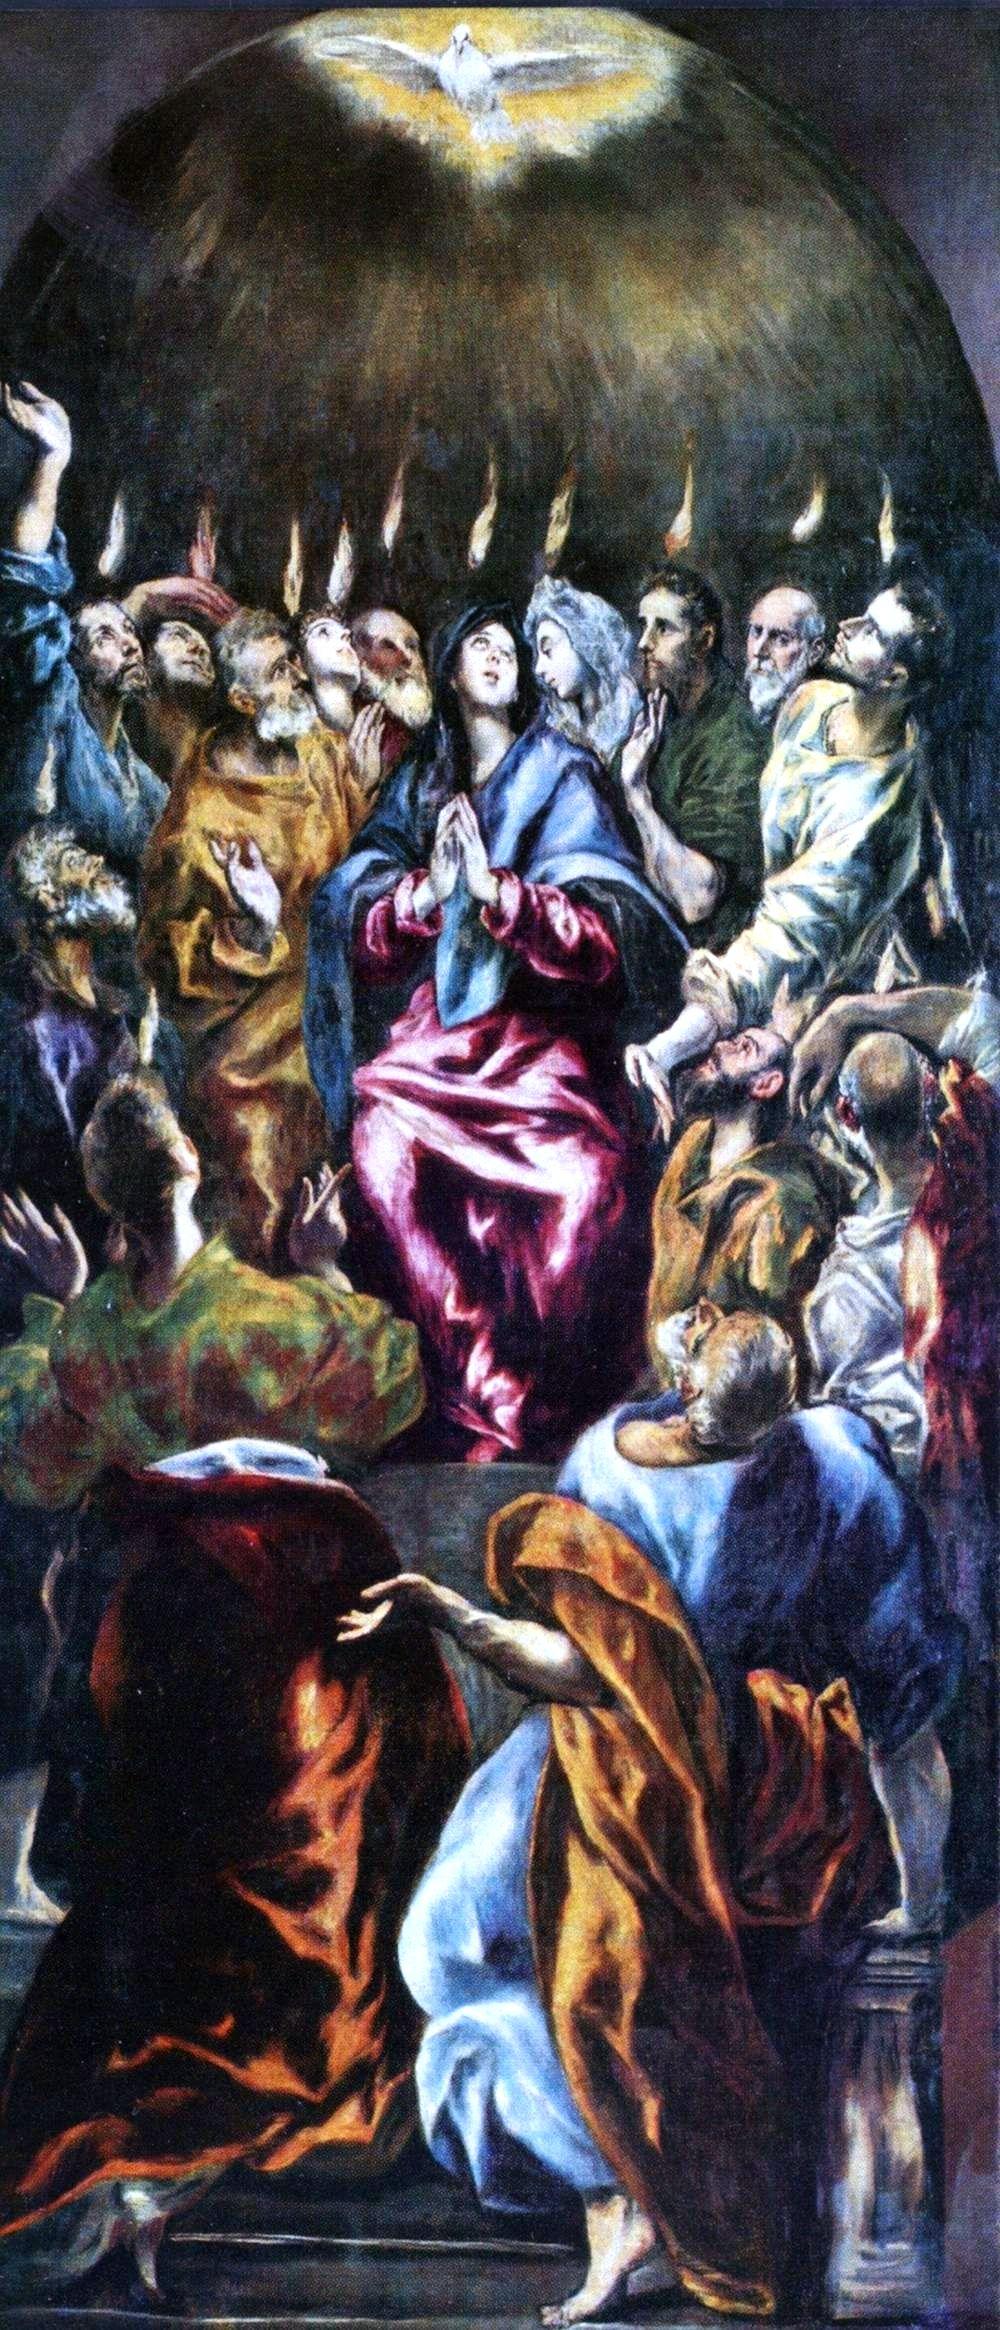 Zesłanie Ducha Świętego na obrazie El Greca, 1596-1600, olej na płótnie, 275 x 127 cm, Prado